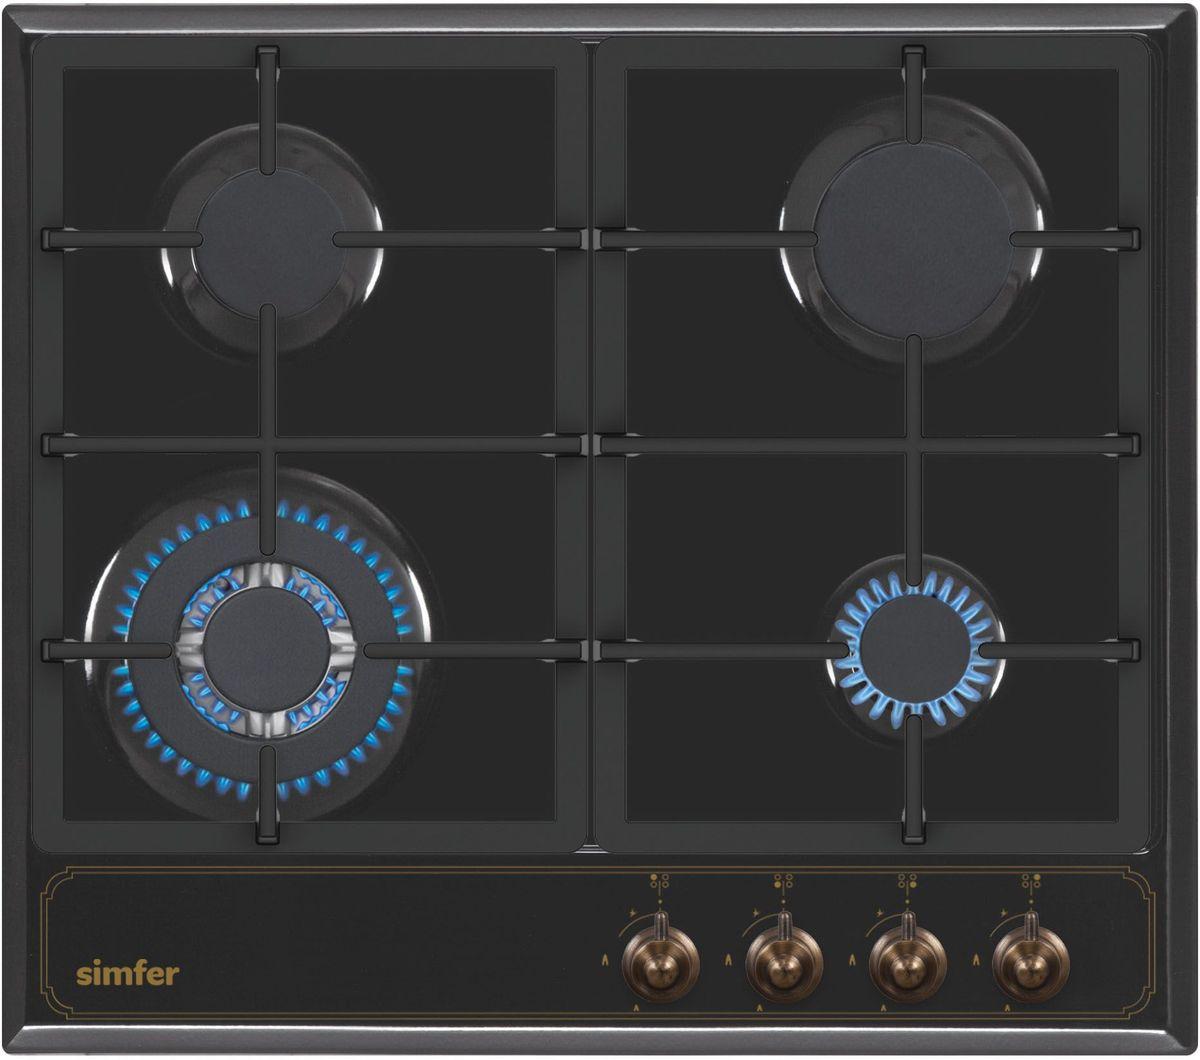 Simfer H60V41L511 панель варочная газоваяH60V41L511Газовая варочная панель Simfer H60V41L511 с чистым пламенем доведет вашу сковороду до нужной температуры без всяких задержек. Включите её и всё днище сковороды будет моментально нагрето.Благодаря идеальному расположению панели управления и индикатора уровня мощности прямо спереди этой варочной панели, любой повар, будь он левша или правша, сможет пользоваться ими с одинаковой лёгкостью.Газовая варочная поверхность Simfer H60V41L511 упрощает приготовление и делает его безопаснее благодаря особой форме подставок, обеспечивающих абсолютную устойчивость посуды.Нет способа быстрее и удобнее для того, чтобы разжечь конфорку, чем автоподжиг варочной панели. Просто поверните ручку, чтобы открыть и зажечь газ одним плавным движением.